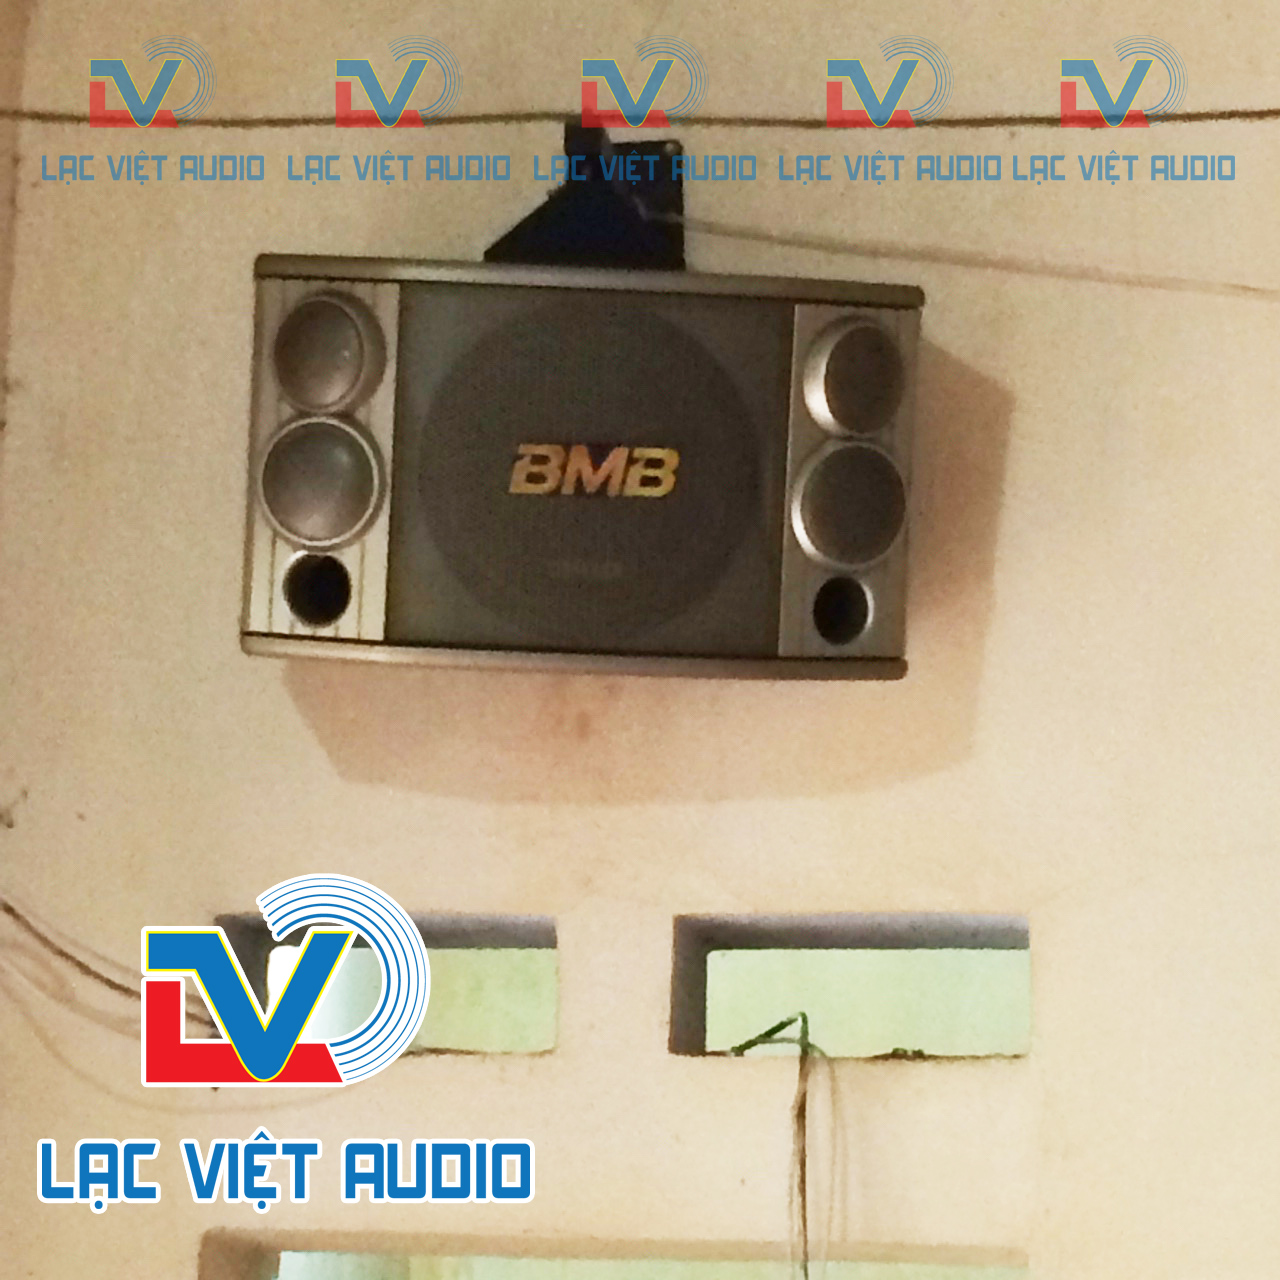 Chất âm BMB 850 bãi rất tuyệt vời, được nhiều người tin tưởng sử dụng